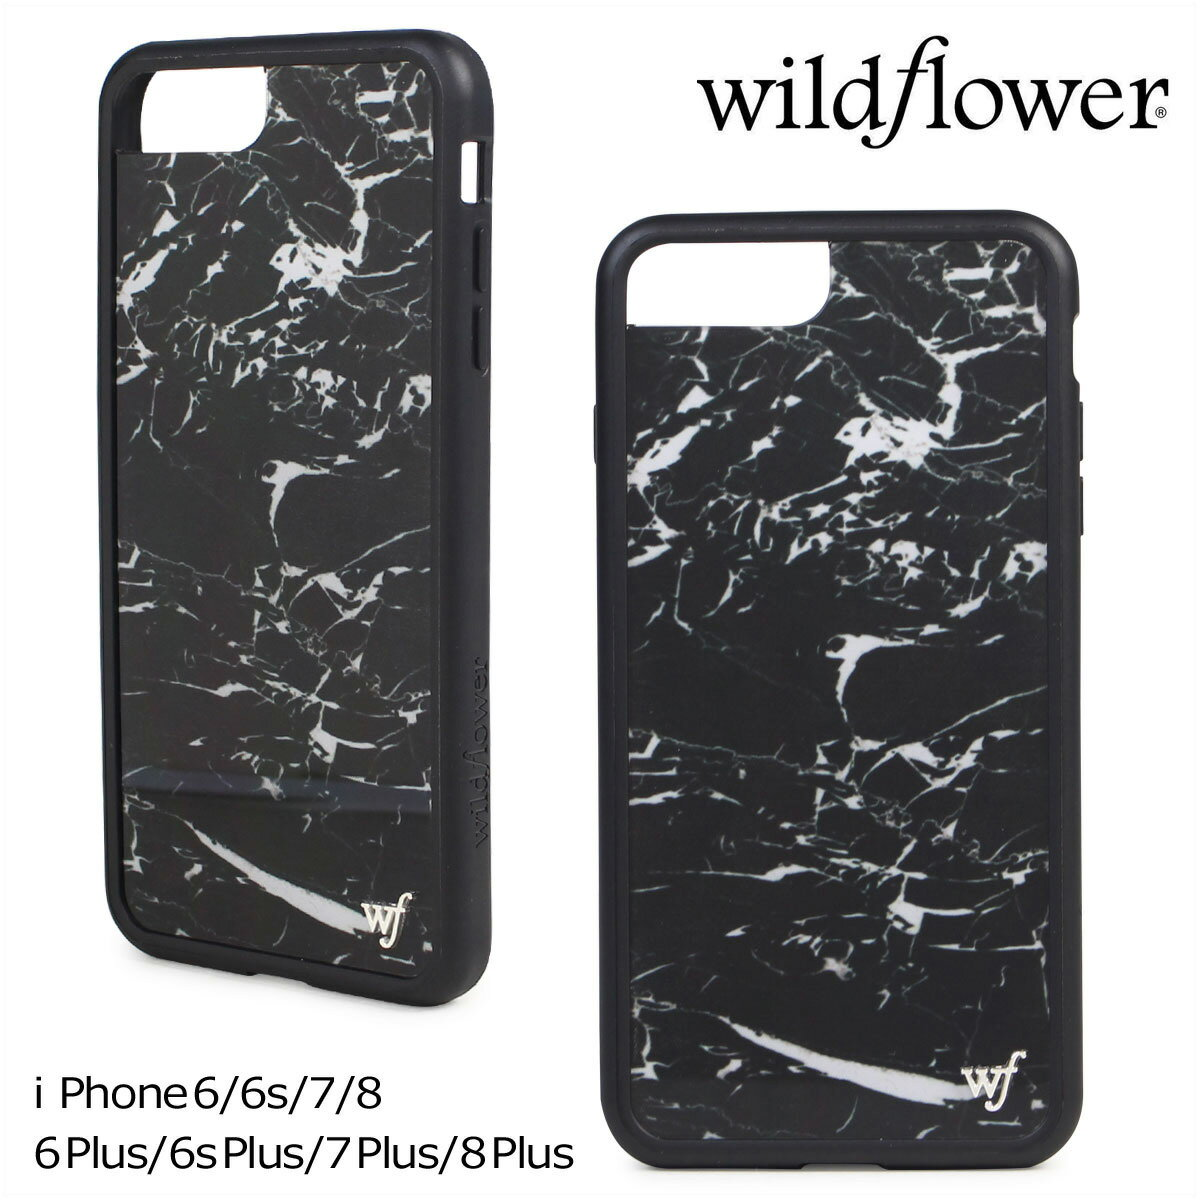 wildflower ケース スマホ iPhone8 Plus ワイルドフラワー iPhone ケース 7 6s 6 アイフォン レディース 【ネコポス可】